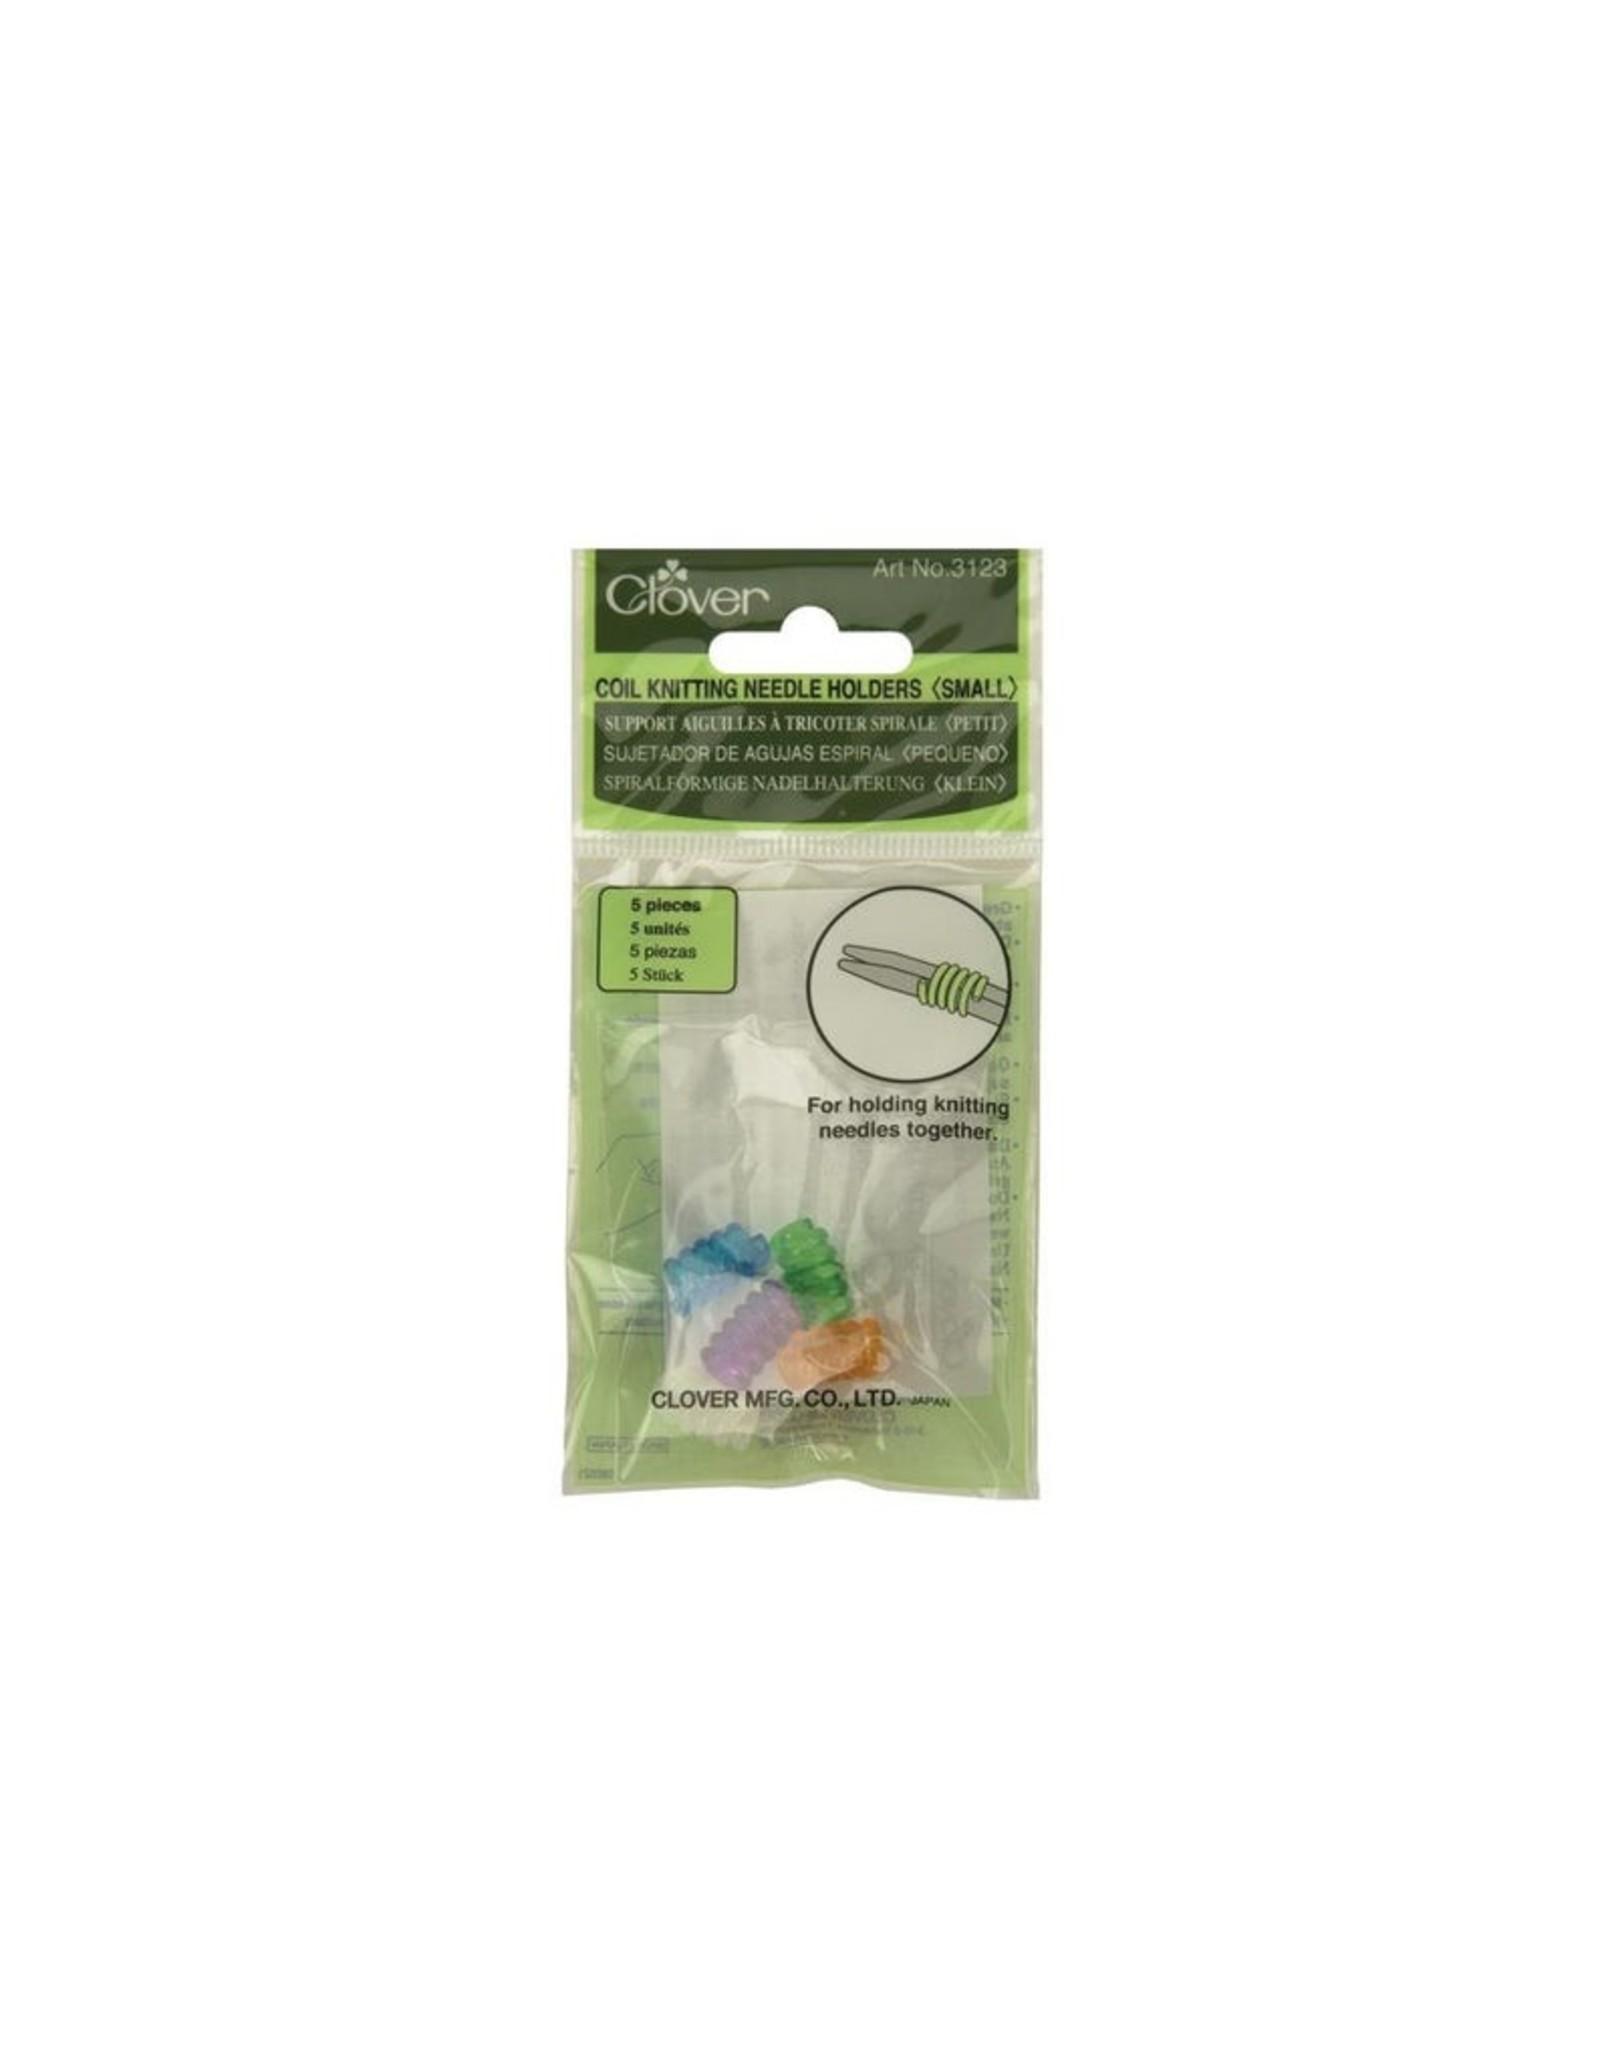 Clover Small Knitting Needle Holder